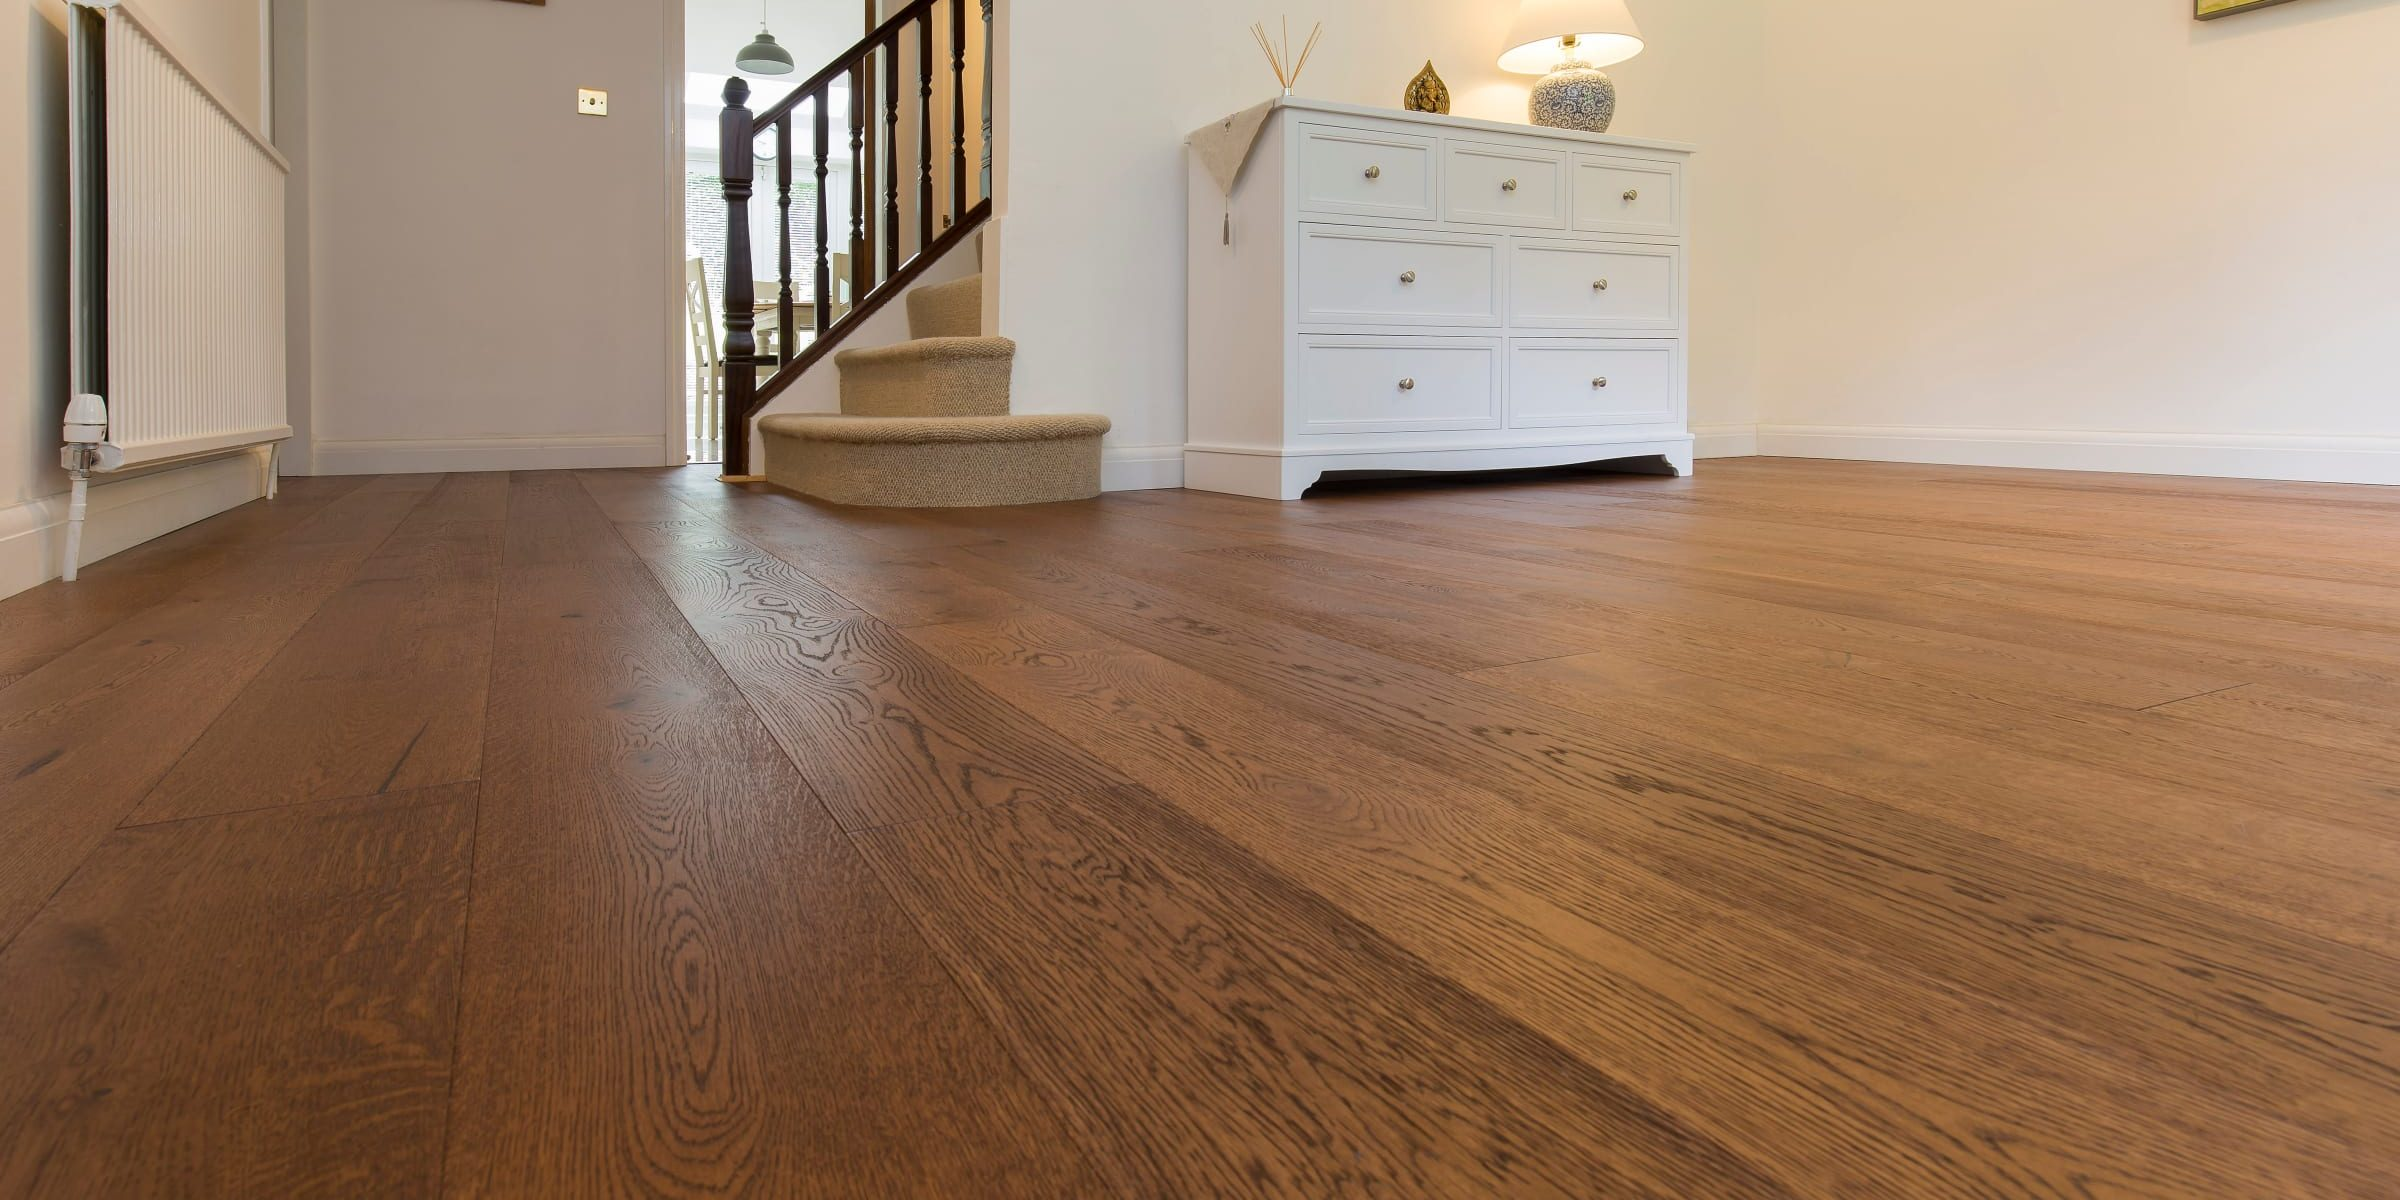 V4's Home Abinger wood floors in Bolton home